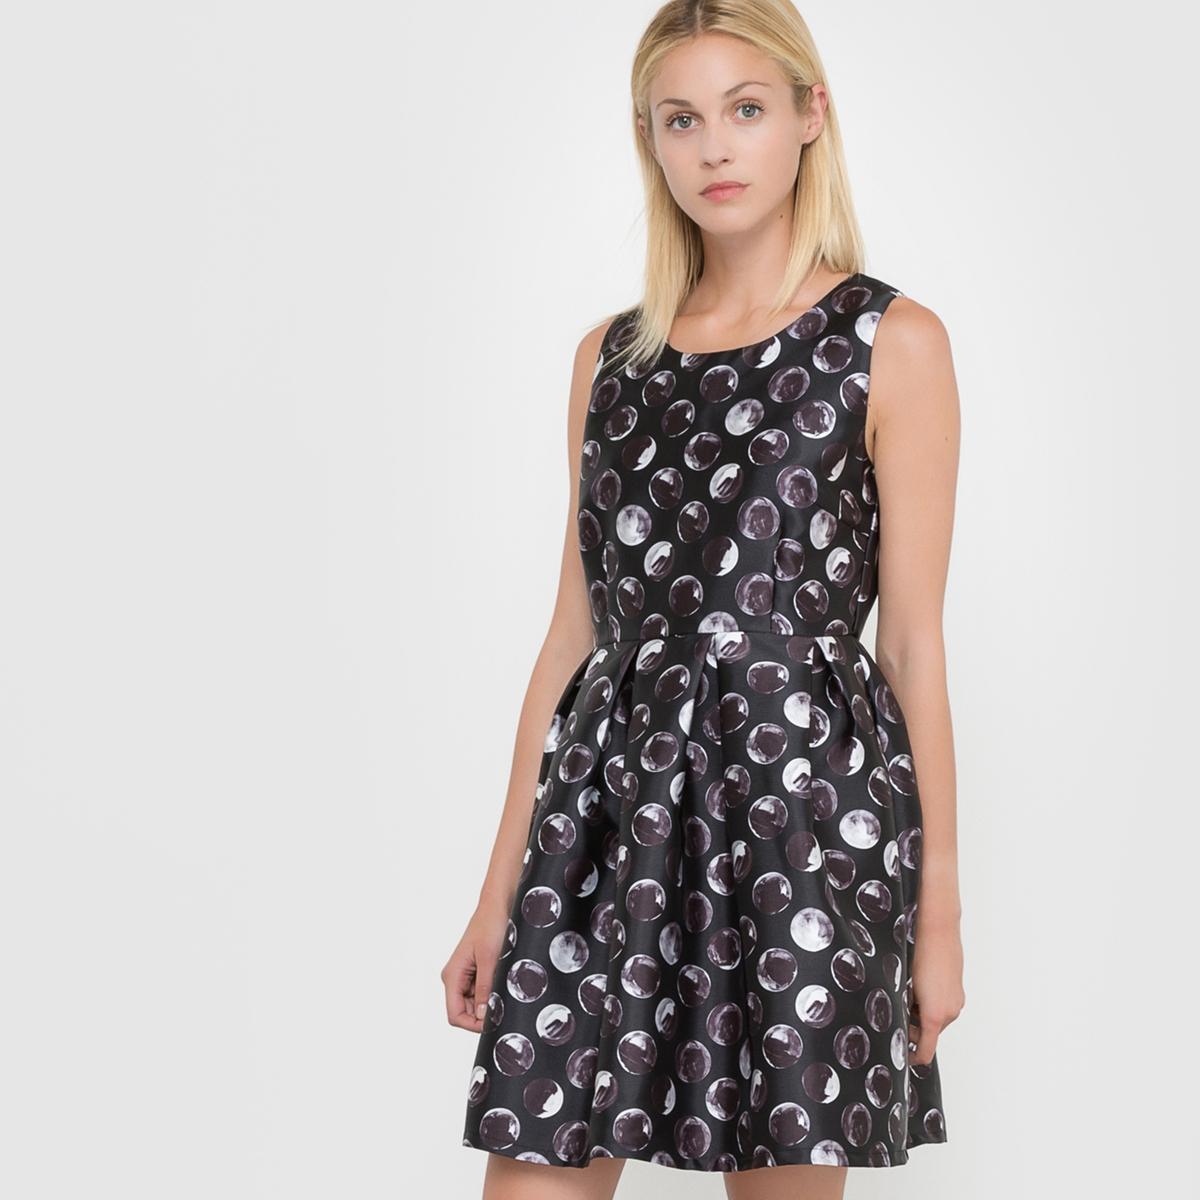 Платье без рукавовПлатье без рукавов, MOLLY BRACKEN. Рисунок в горошек. Круглый вырез. Расширяющаяся к низу передняя часть.           Характеристики и описание     Материал         100% полиэстера     Марка         MOLLY BRACKEN<br><br>Цвет: черный/серый<br>Размер: S